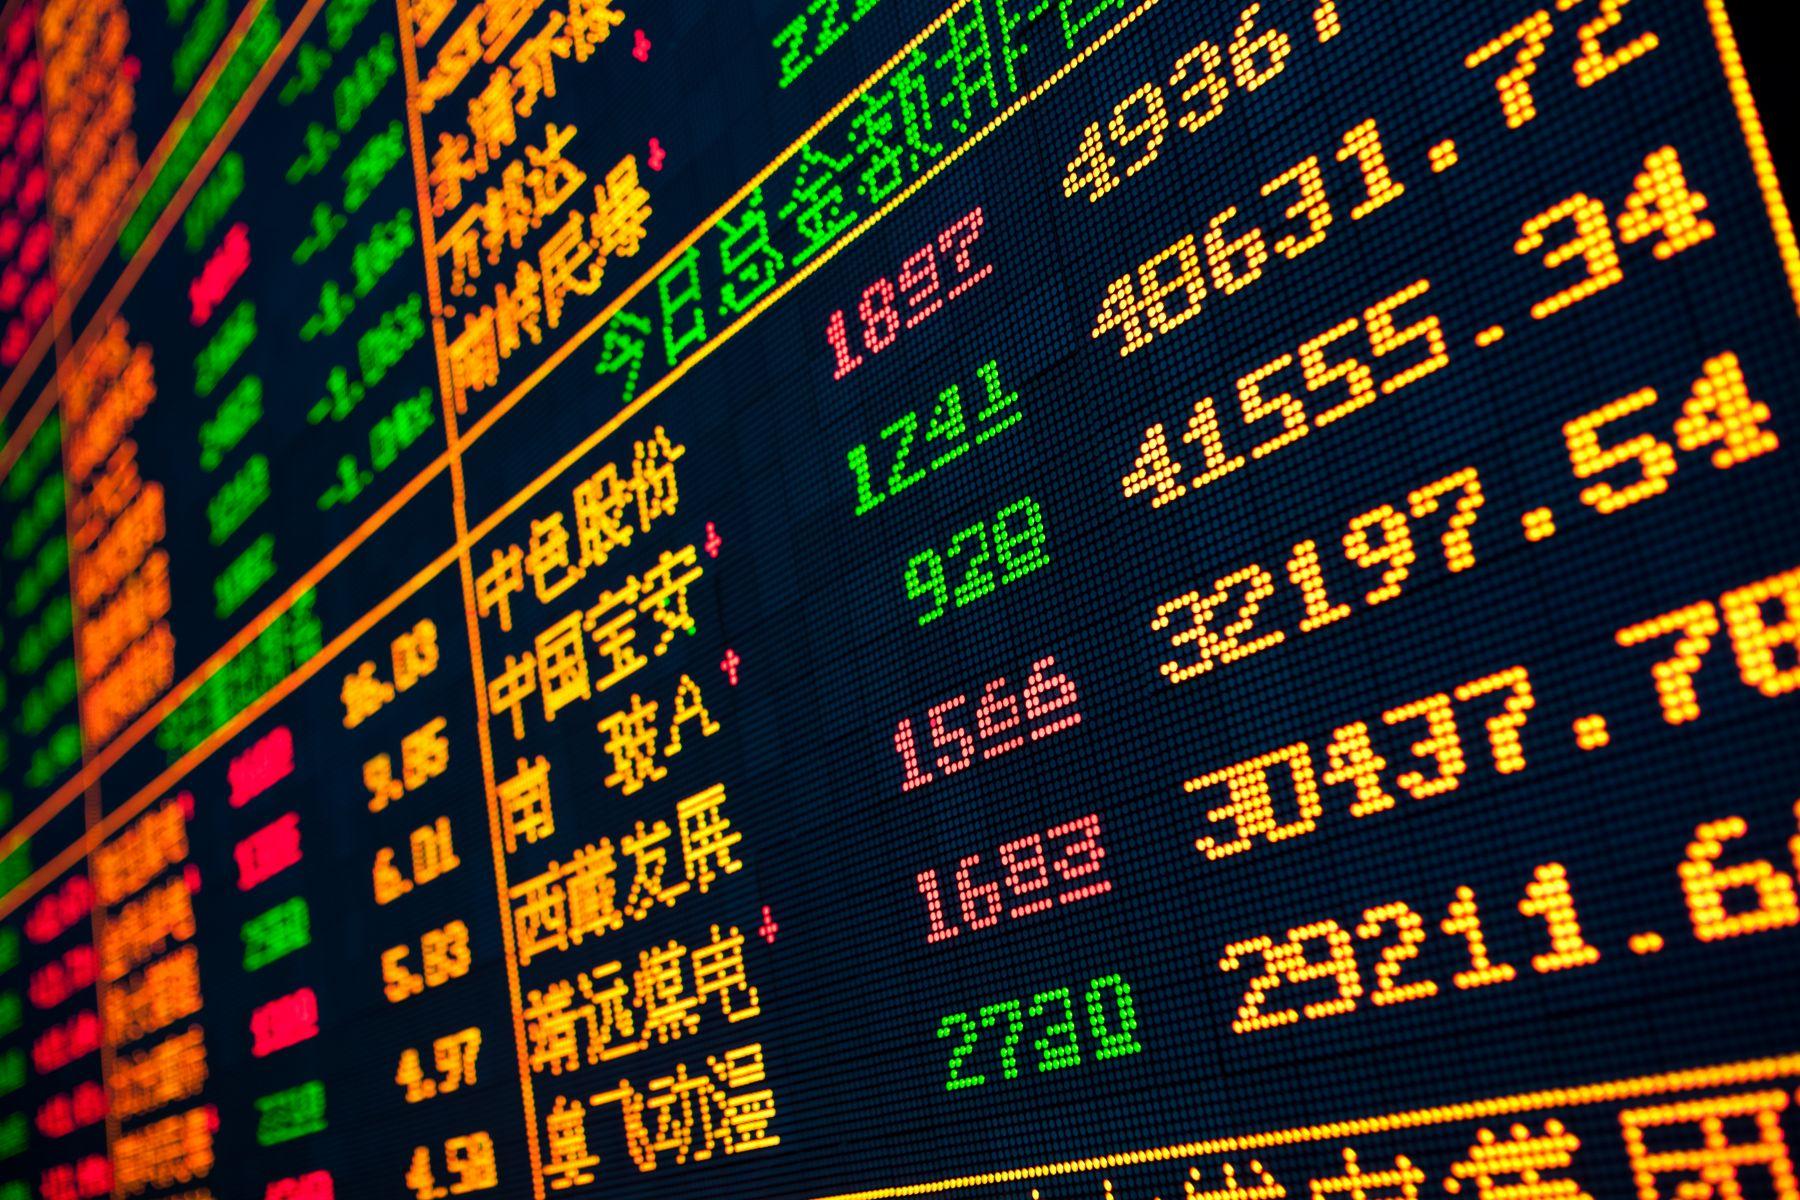 大陸又一巨頭倒下?樂視網股價慘崩9成 爆下市危機